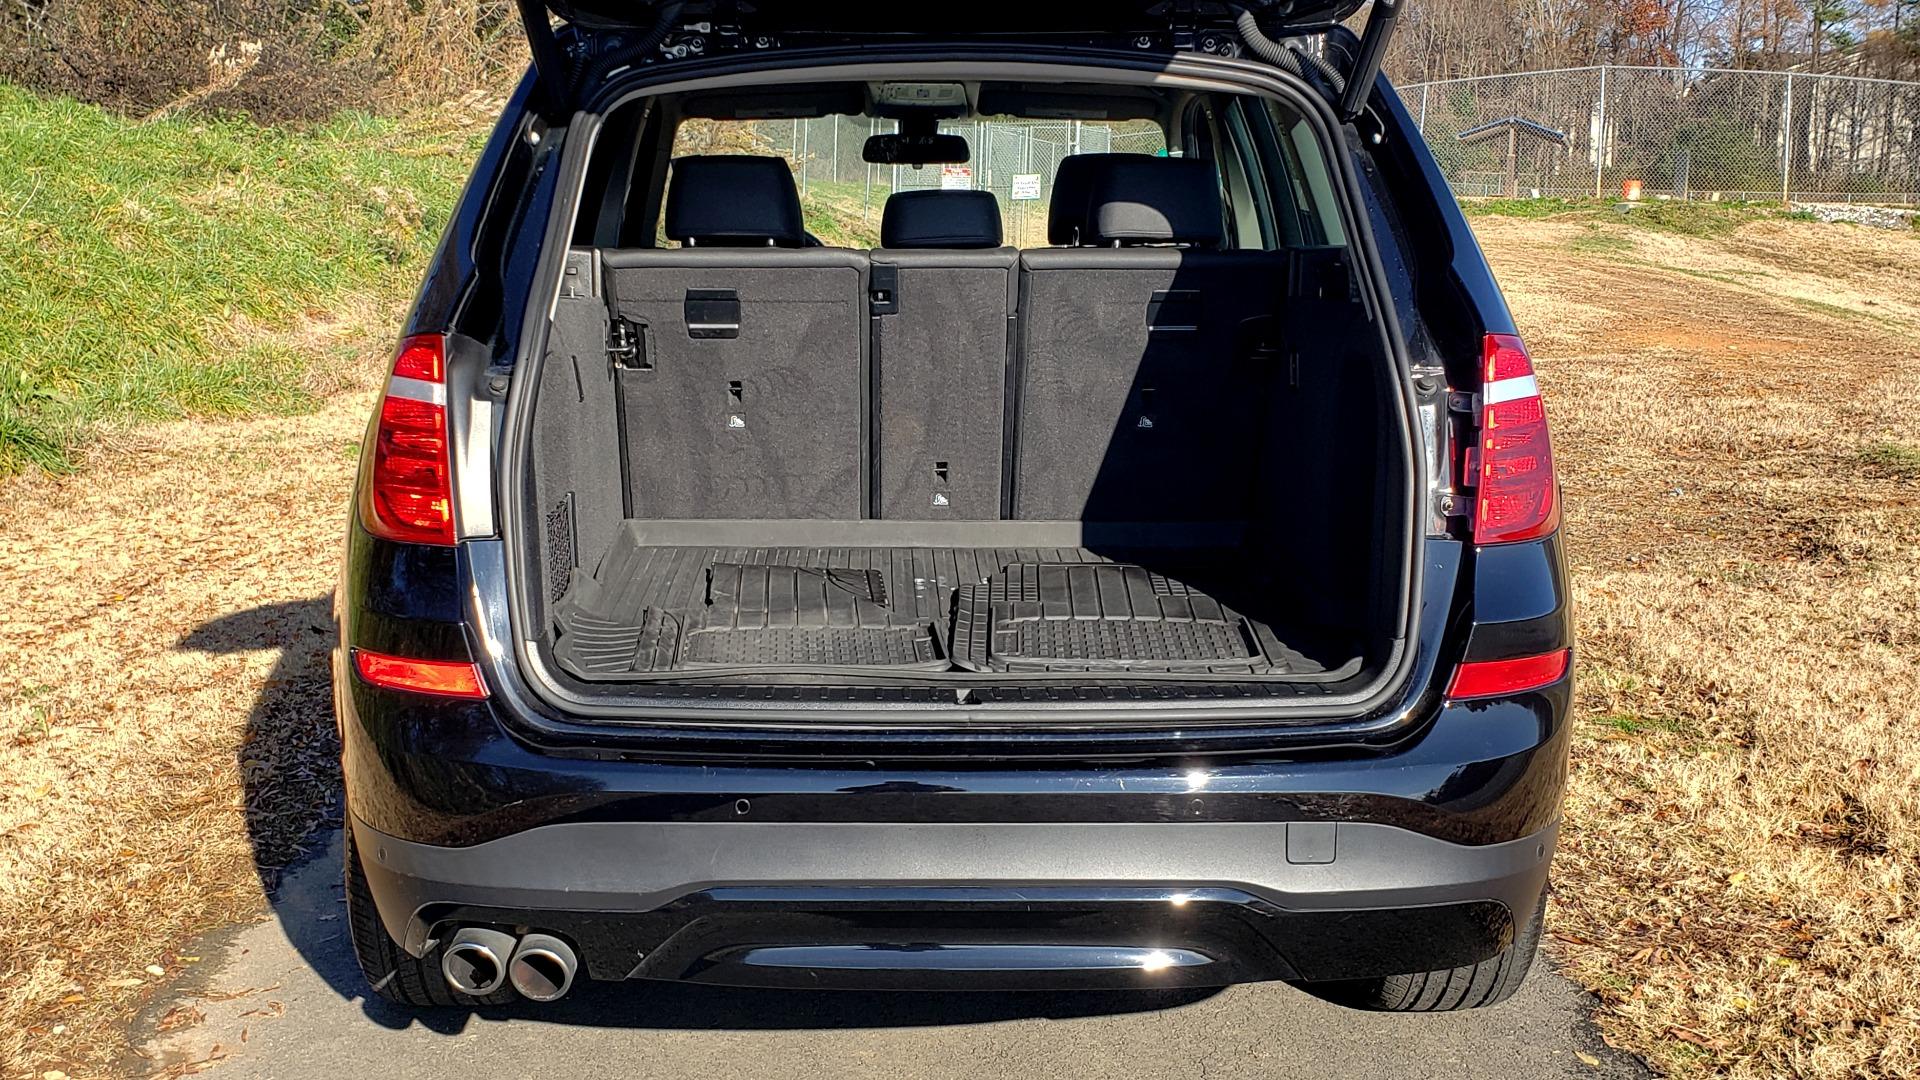 Used 2017 BMW X3 XDRIVE28I / PREM PKG / NAV / DRVR ASST / HTD STS / CAMERAS for sale Sold at Formula Imports in Charlotte NC 28227 27